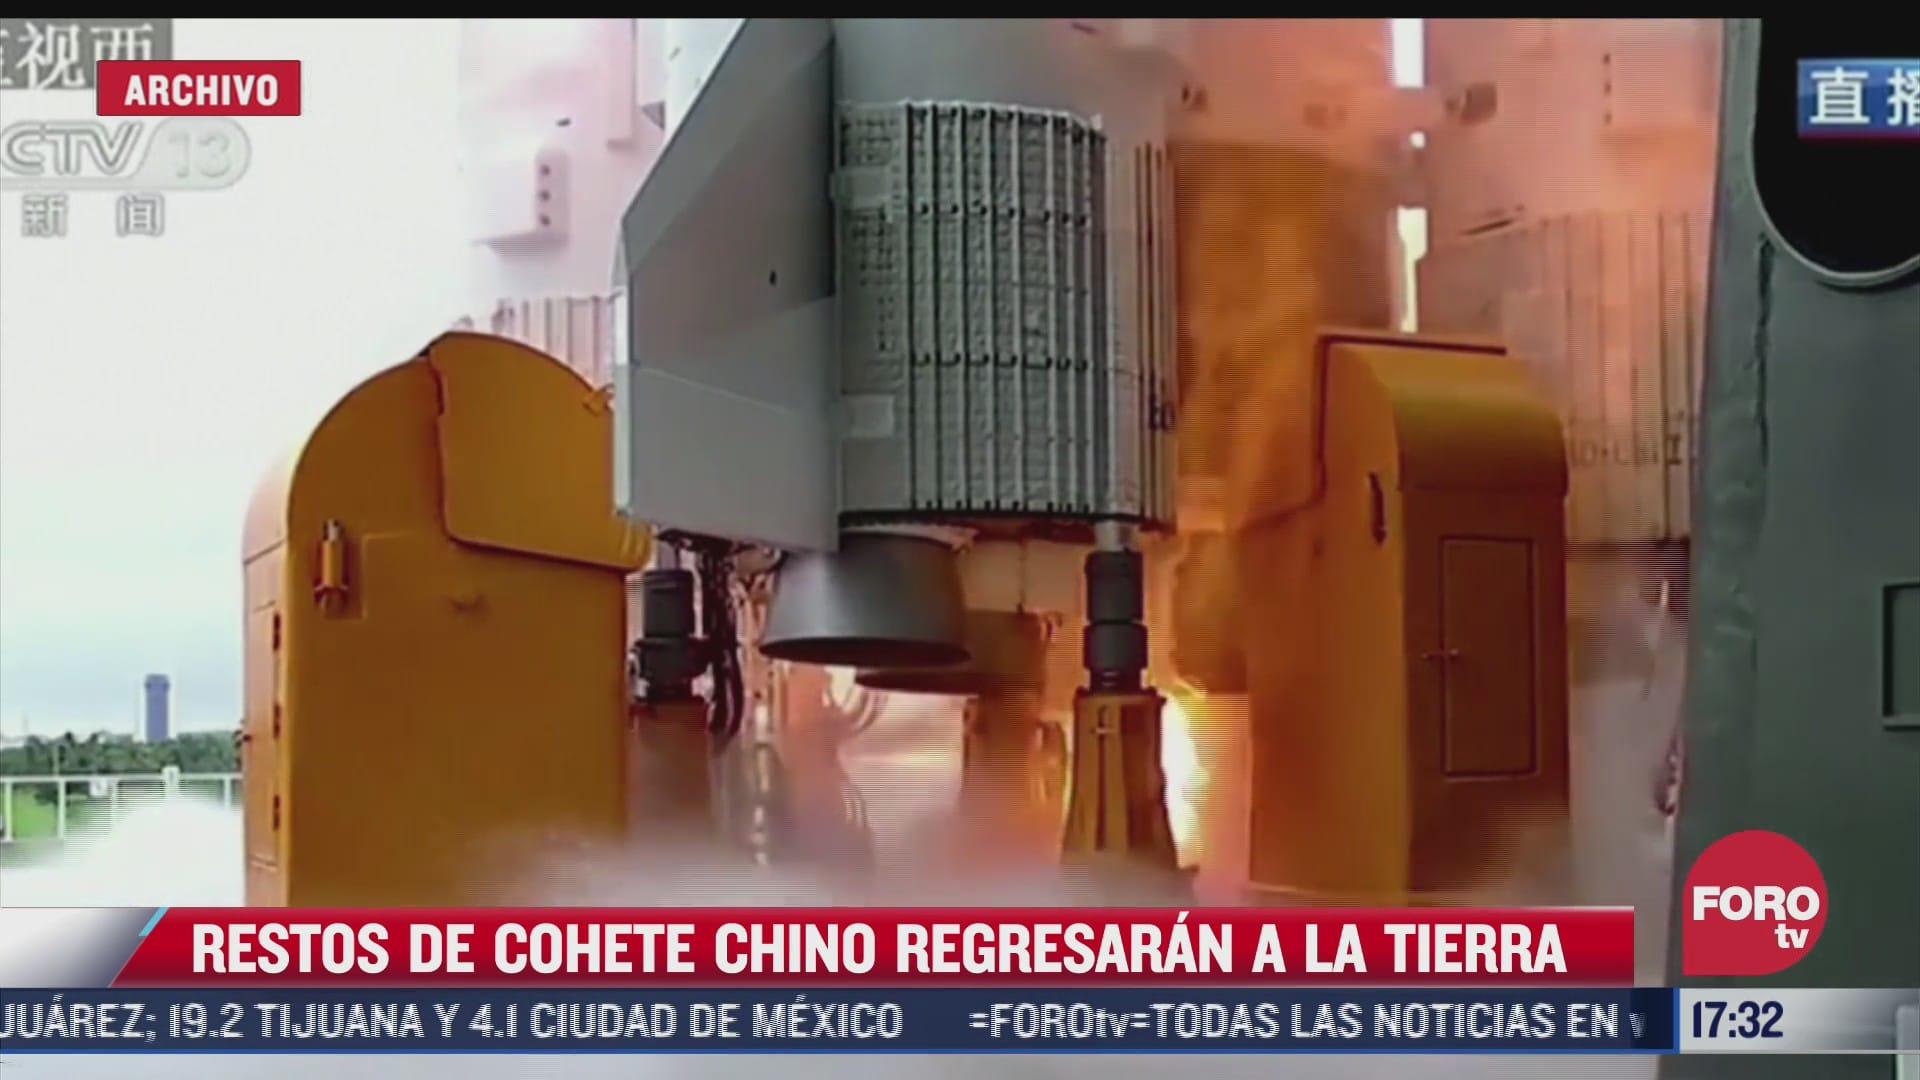 restos de cohete chino regresaran a la tierra